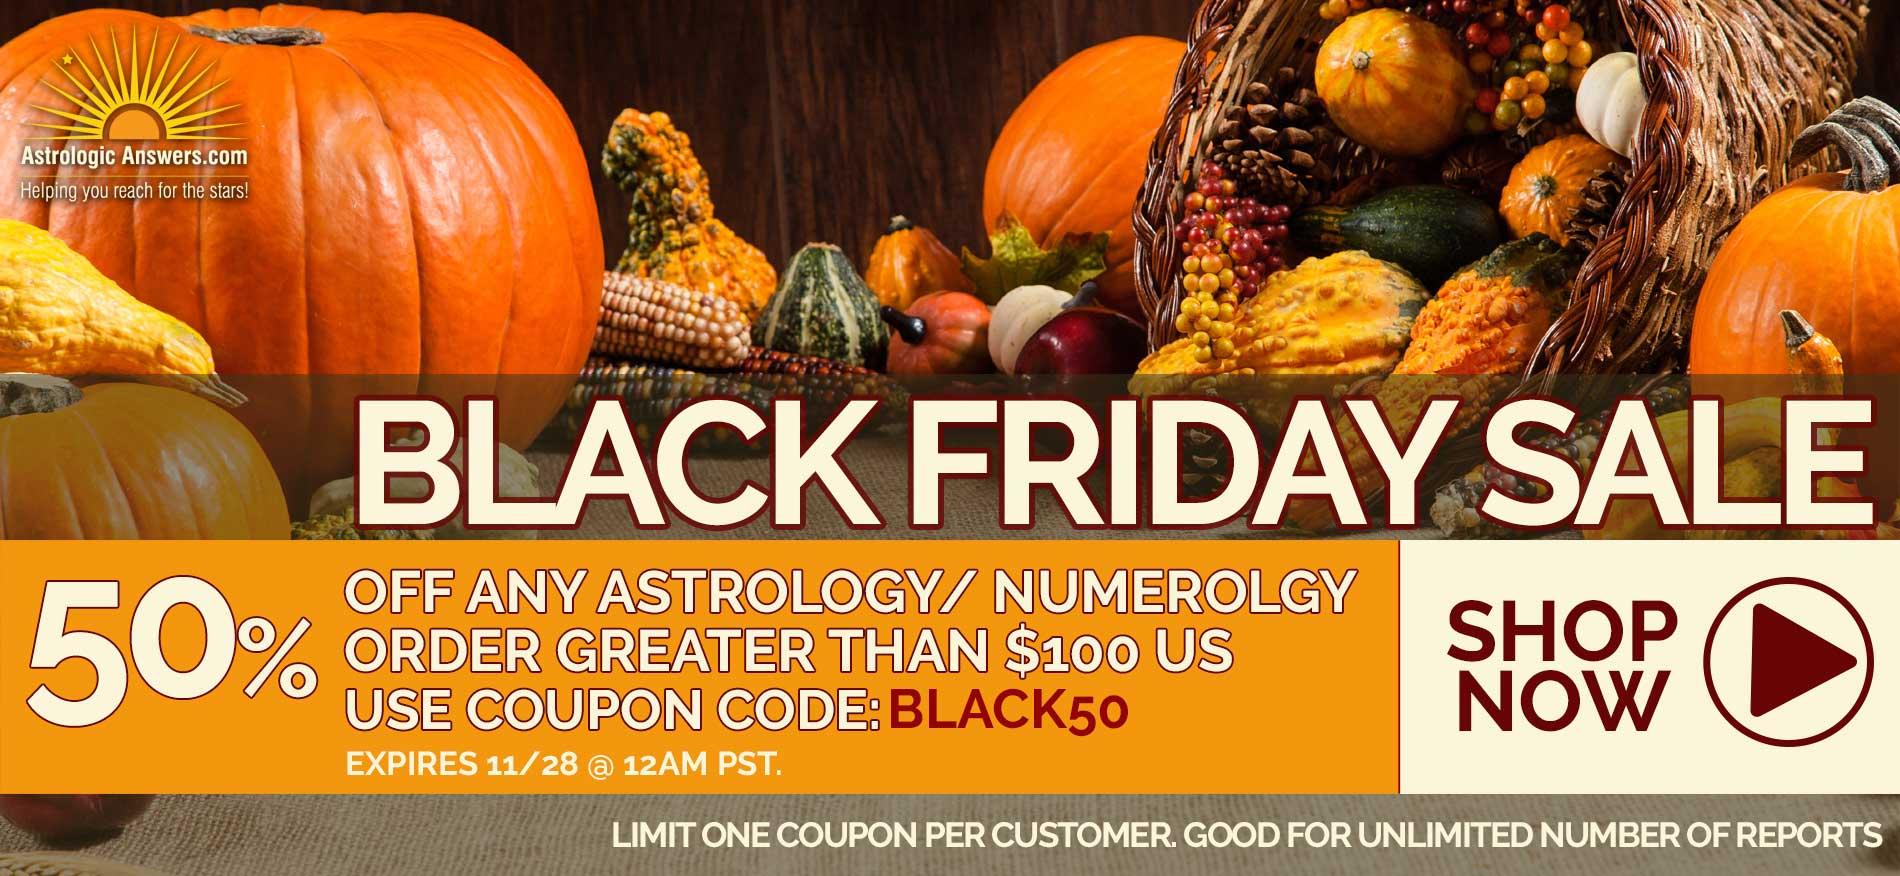 Huge Black Friday Sale Image